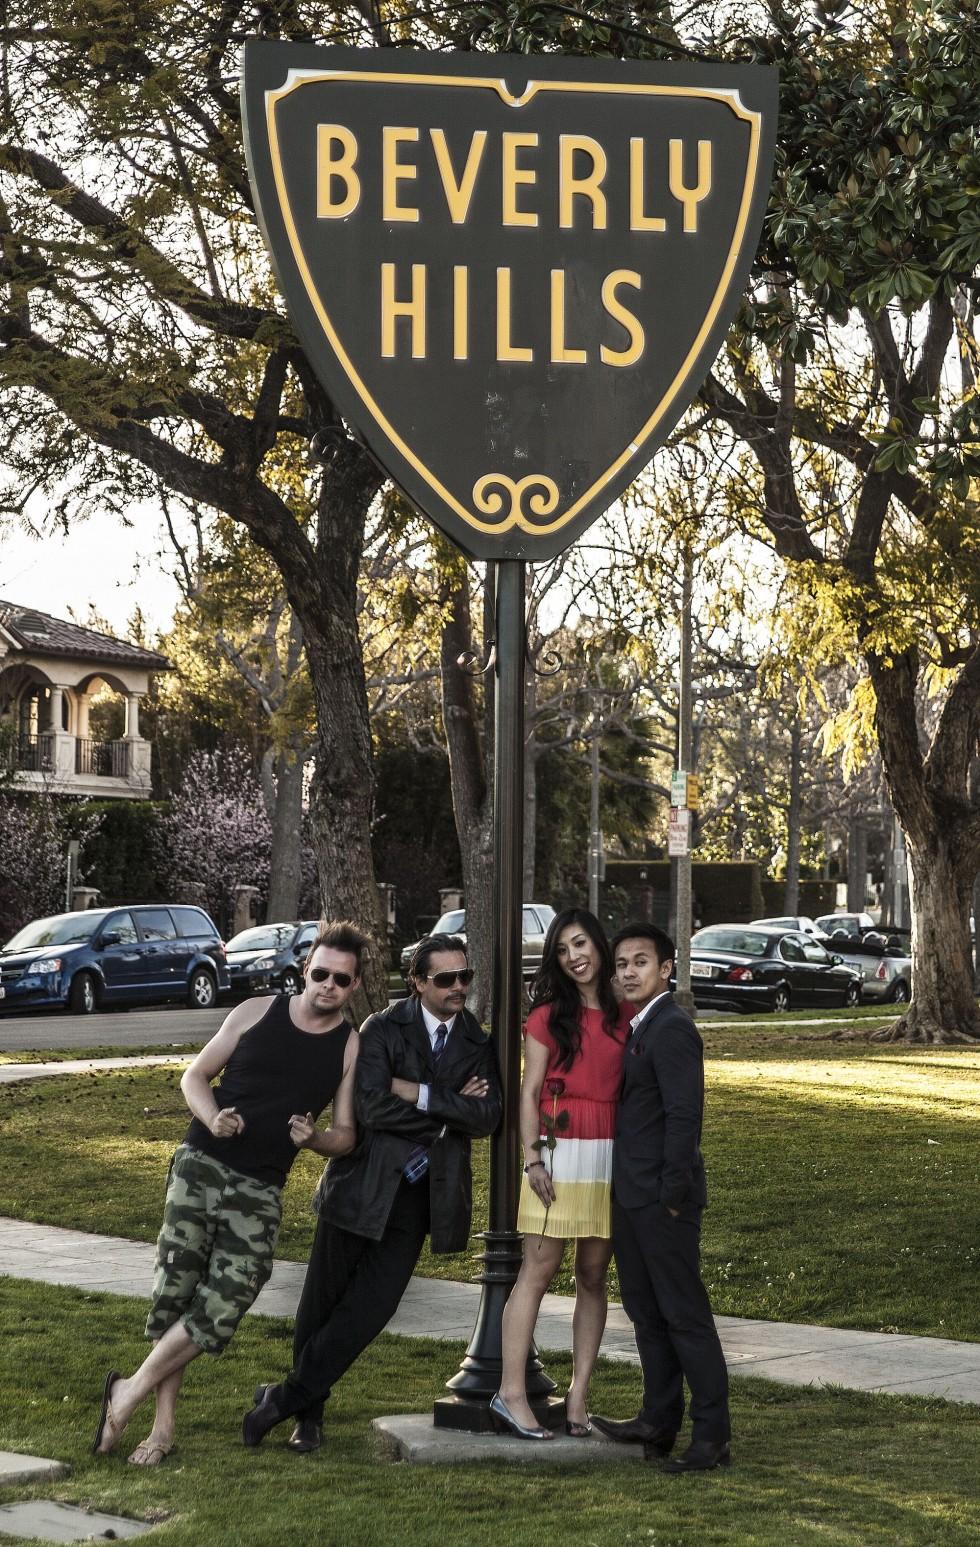 Optagelser i Beverly Hills.